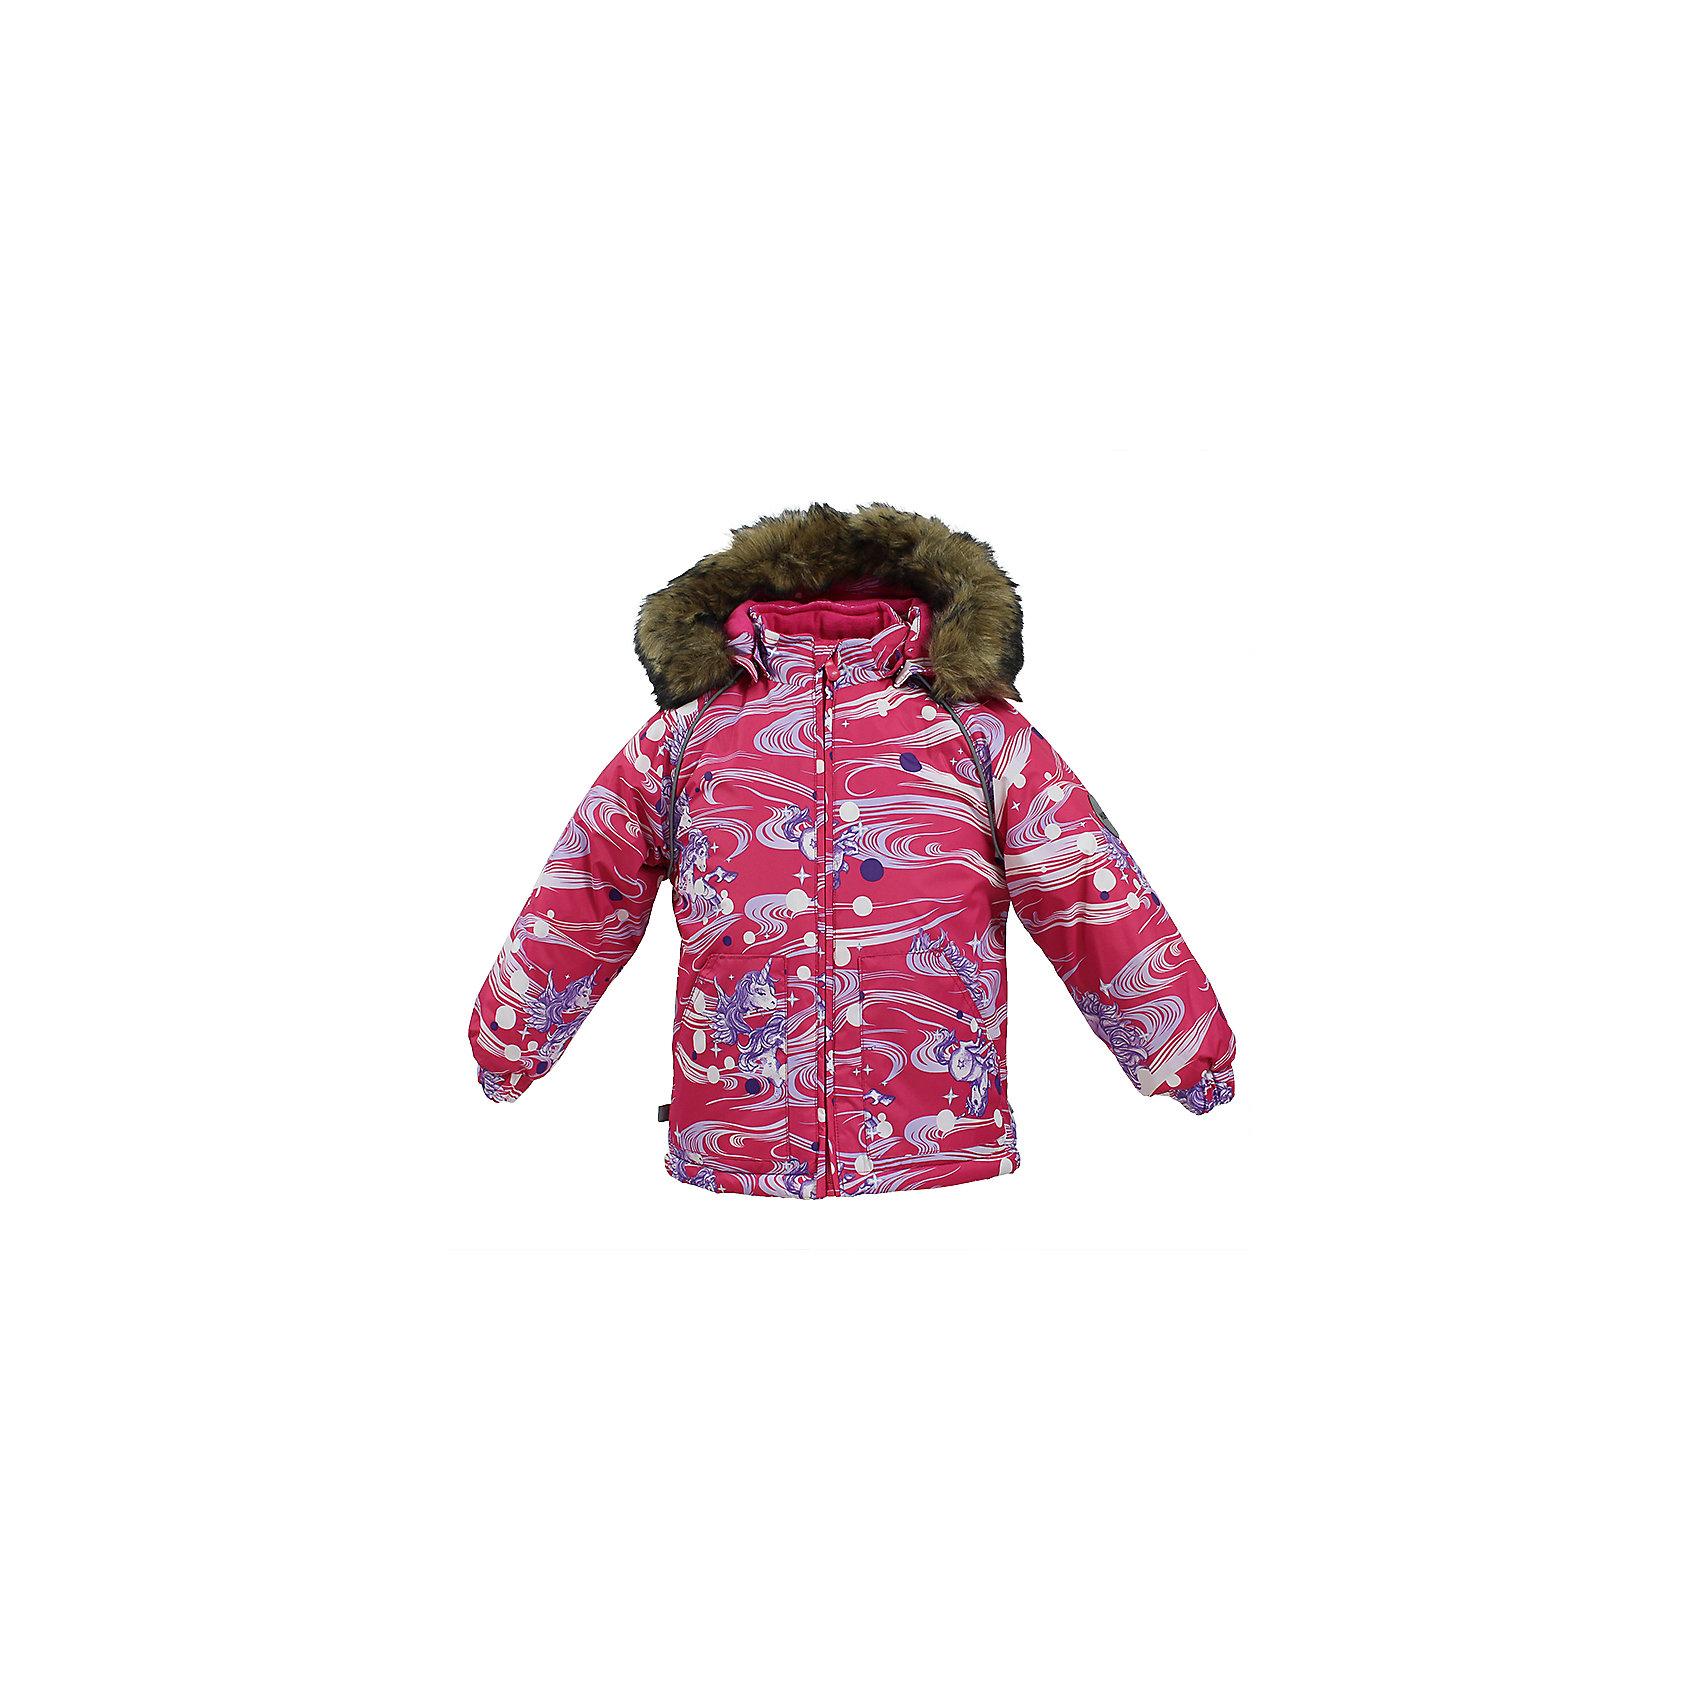 Куртка VIRGO HuppaЗимние куртки<br>Куртка для малышей VIRGO.Водо и воздухонепроницаемость 5 000. Утеплитель 300 гр. Подкладка фланель 100% хлопок. Отстегивающийся капюшон с мехом. Манжеты рукавов на резинке. Имеются светоотражательные детали.<br>Состав:<br>100% Полиэстер<br><br>Ширина мм: 356<br>Глубина мм: 10<br>Высота мм: 245<br>Вес г: 519<br>Цвет: фуксия<br>Возраст от месяцев: 36<br>Возраст до месяцев: 48<br>Пол: Унисекс<br>Возраст: Детский<br>Размер: 104,80,86,92,98<br>SKU: 7027204